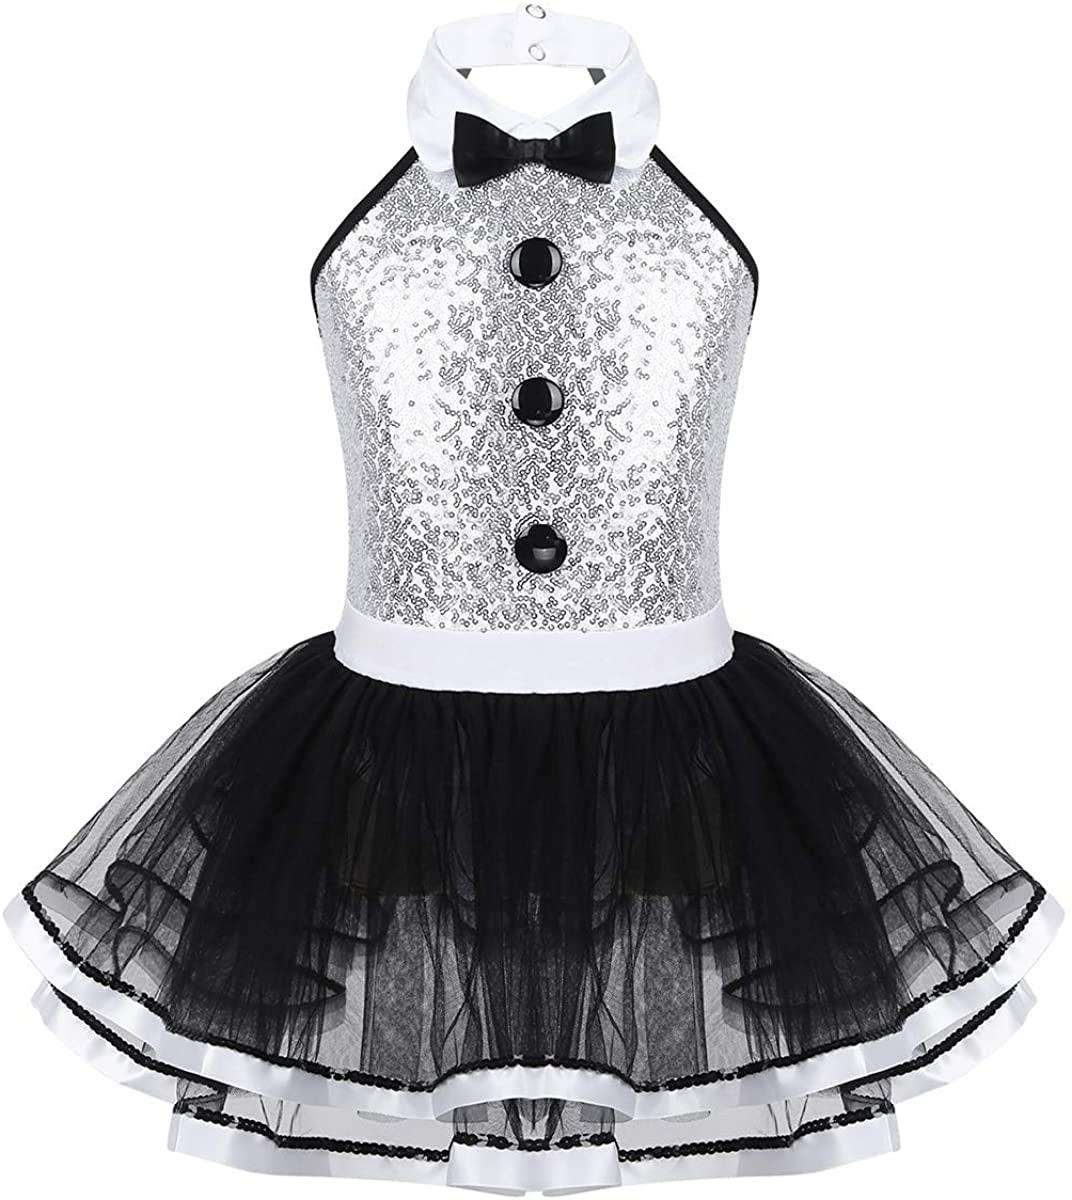 MSemis Kids Girls Sequins Halter Bow Tie Neck Camisole Top Tutu Skirts Ballet Modern Jazz Street Dance Dress